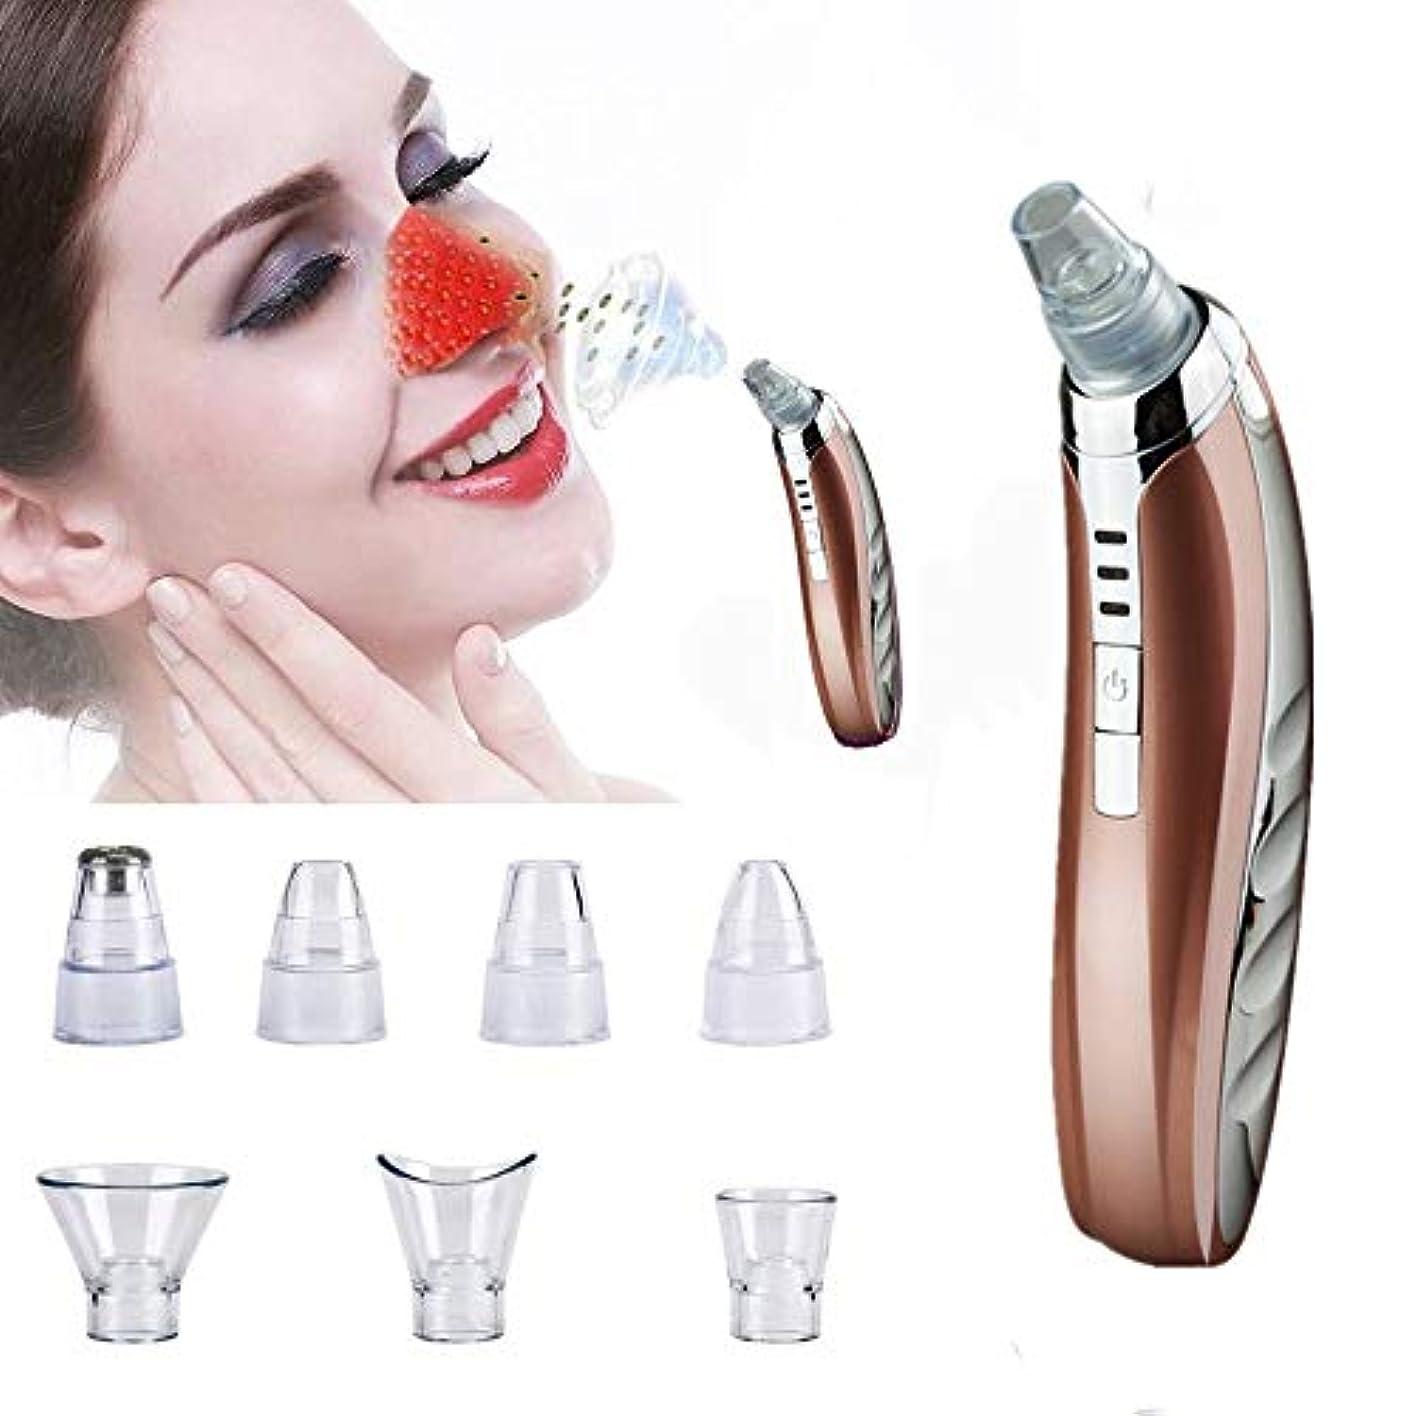 具体的に感じる罪悪感にきび除去ツール、にきび除去剤、電気マイクロダーマブレーション顔の毛穴クリーナーキット、多機能ダイヤモンド真空吸引カッピング装置